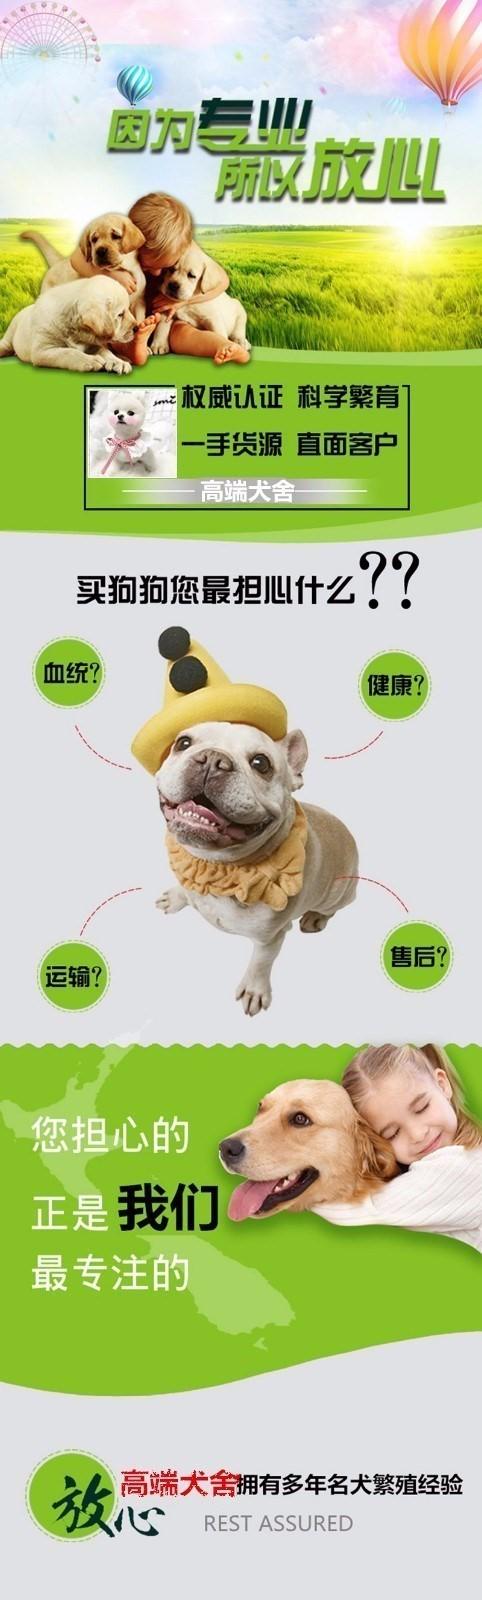 出售俄罗斯巨型沈阳高加索幼犬 签协议保健康保证售后8